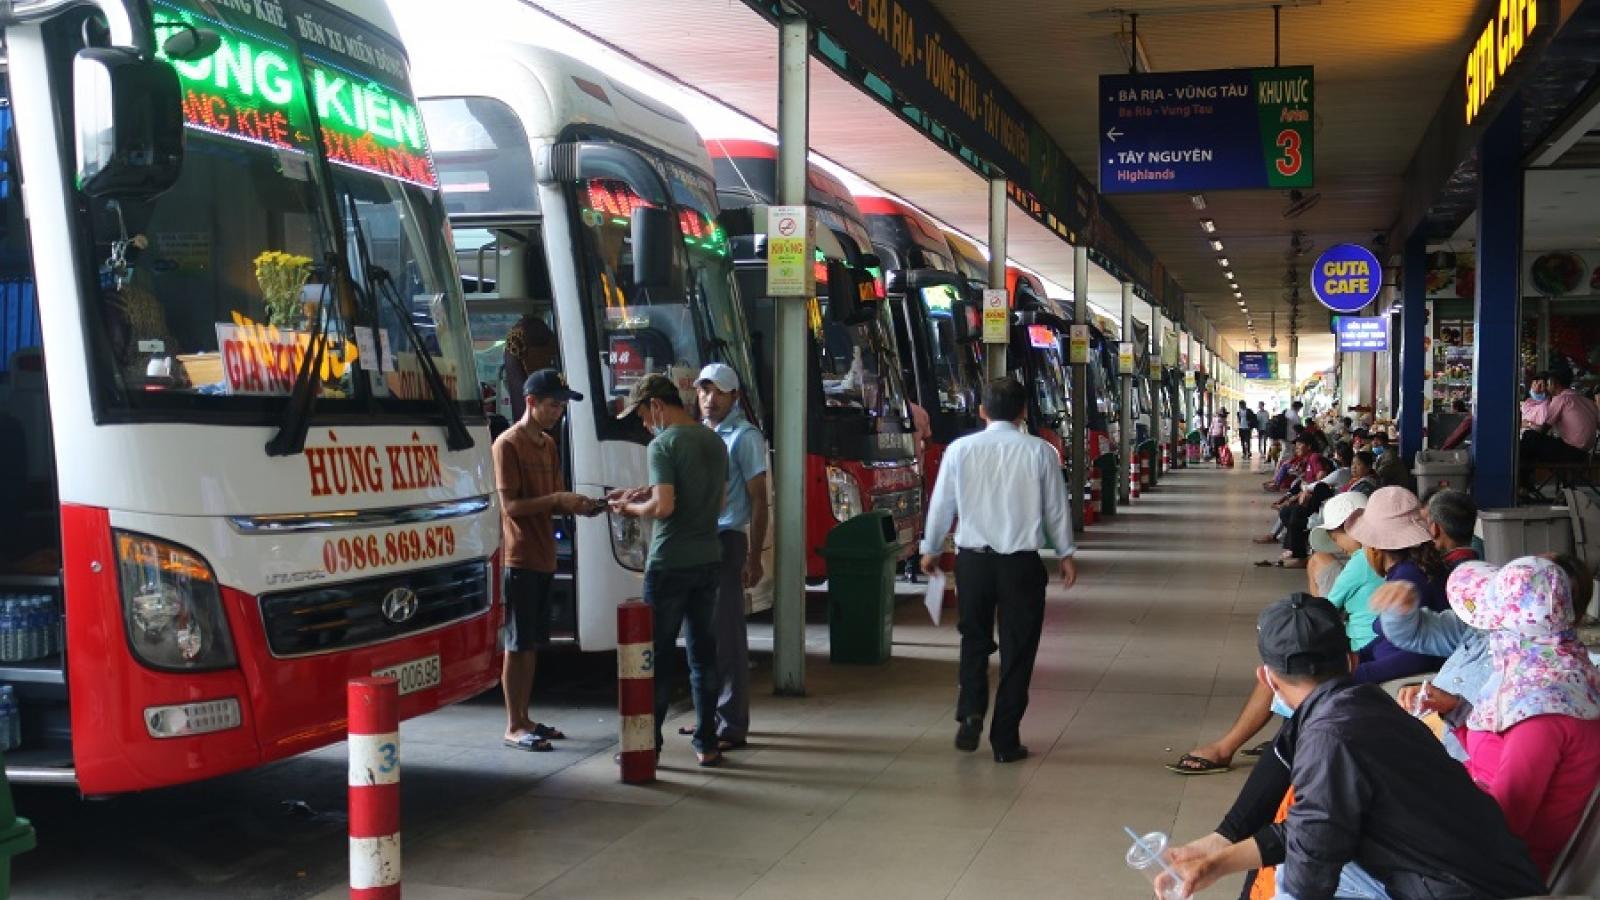 Giá xăng giảm nhưng cước vận tải vẫn đứng im, hành khách chịu thiệt